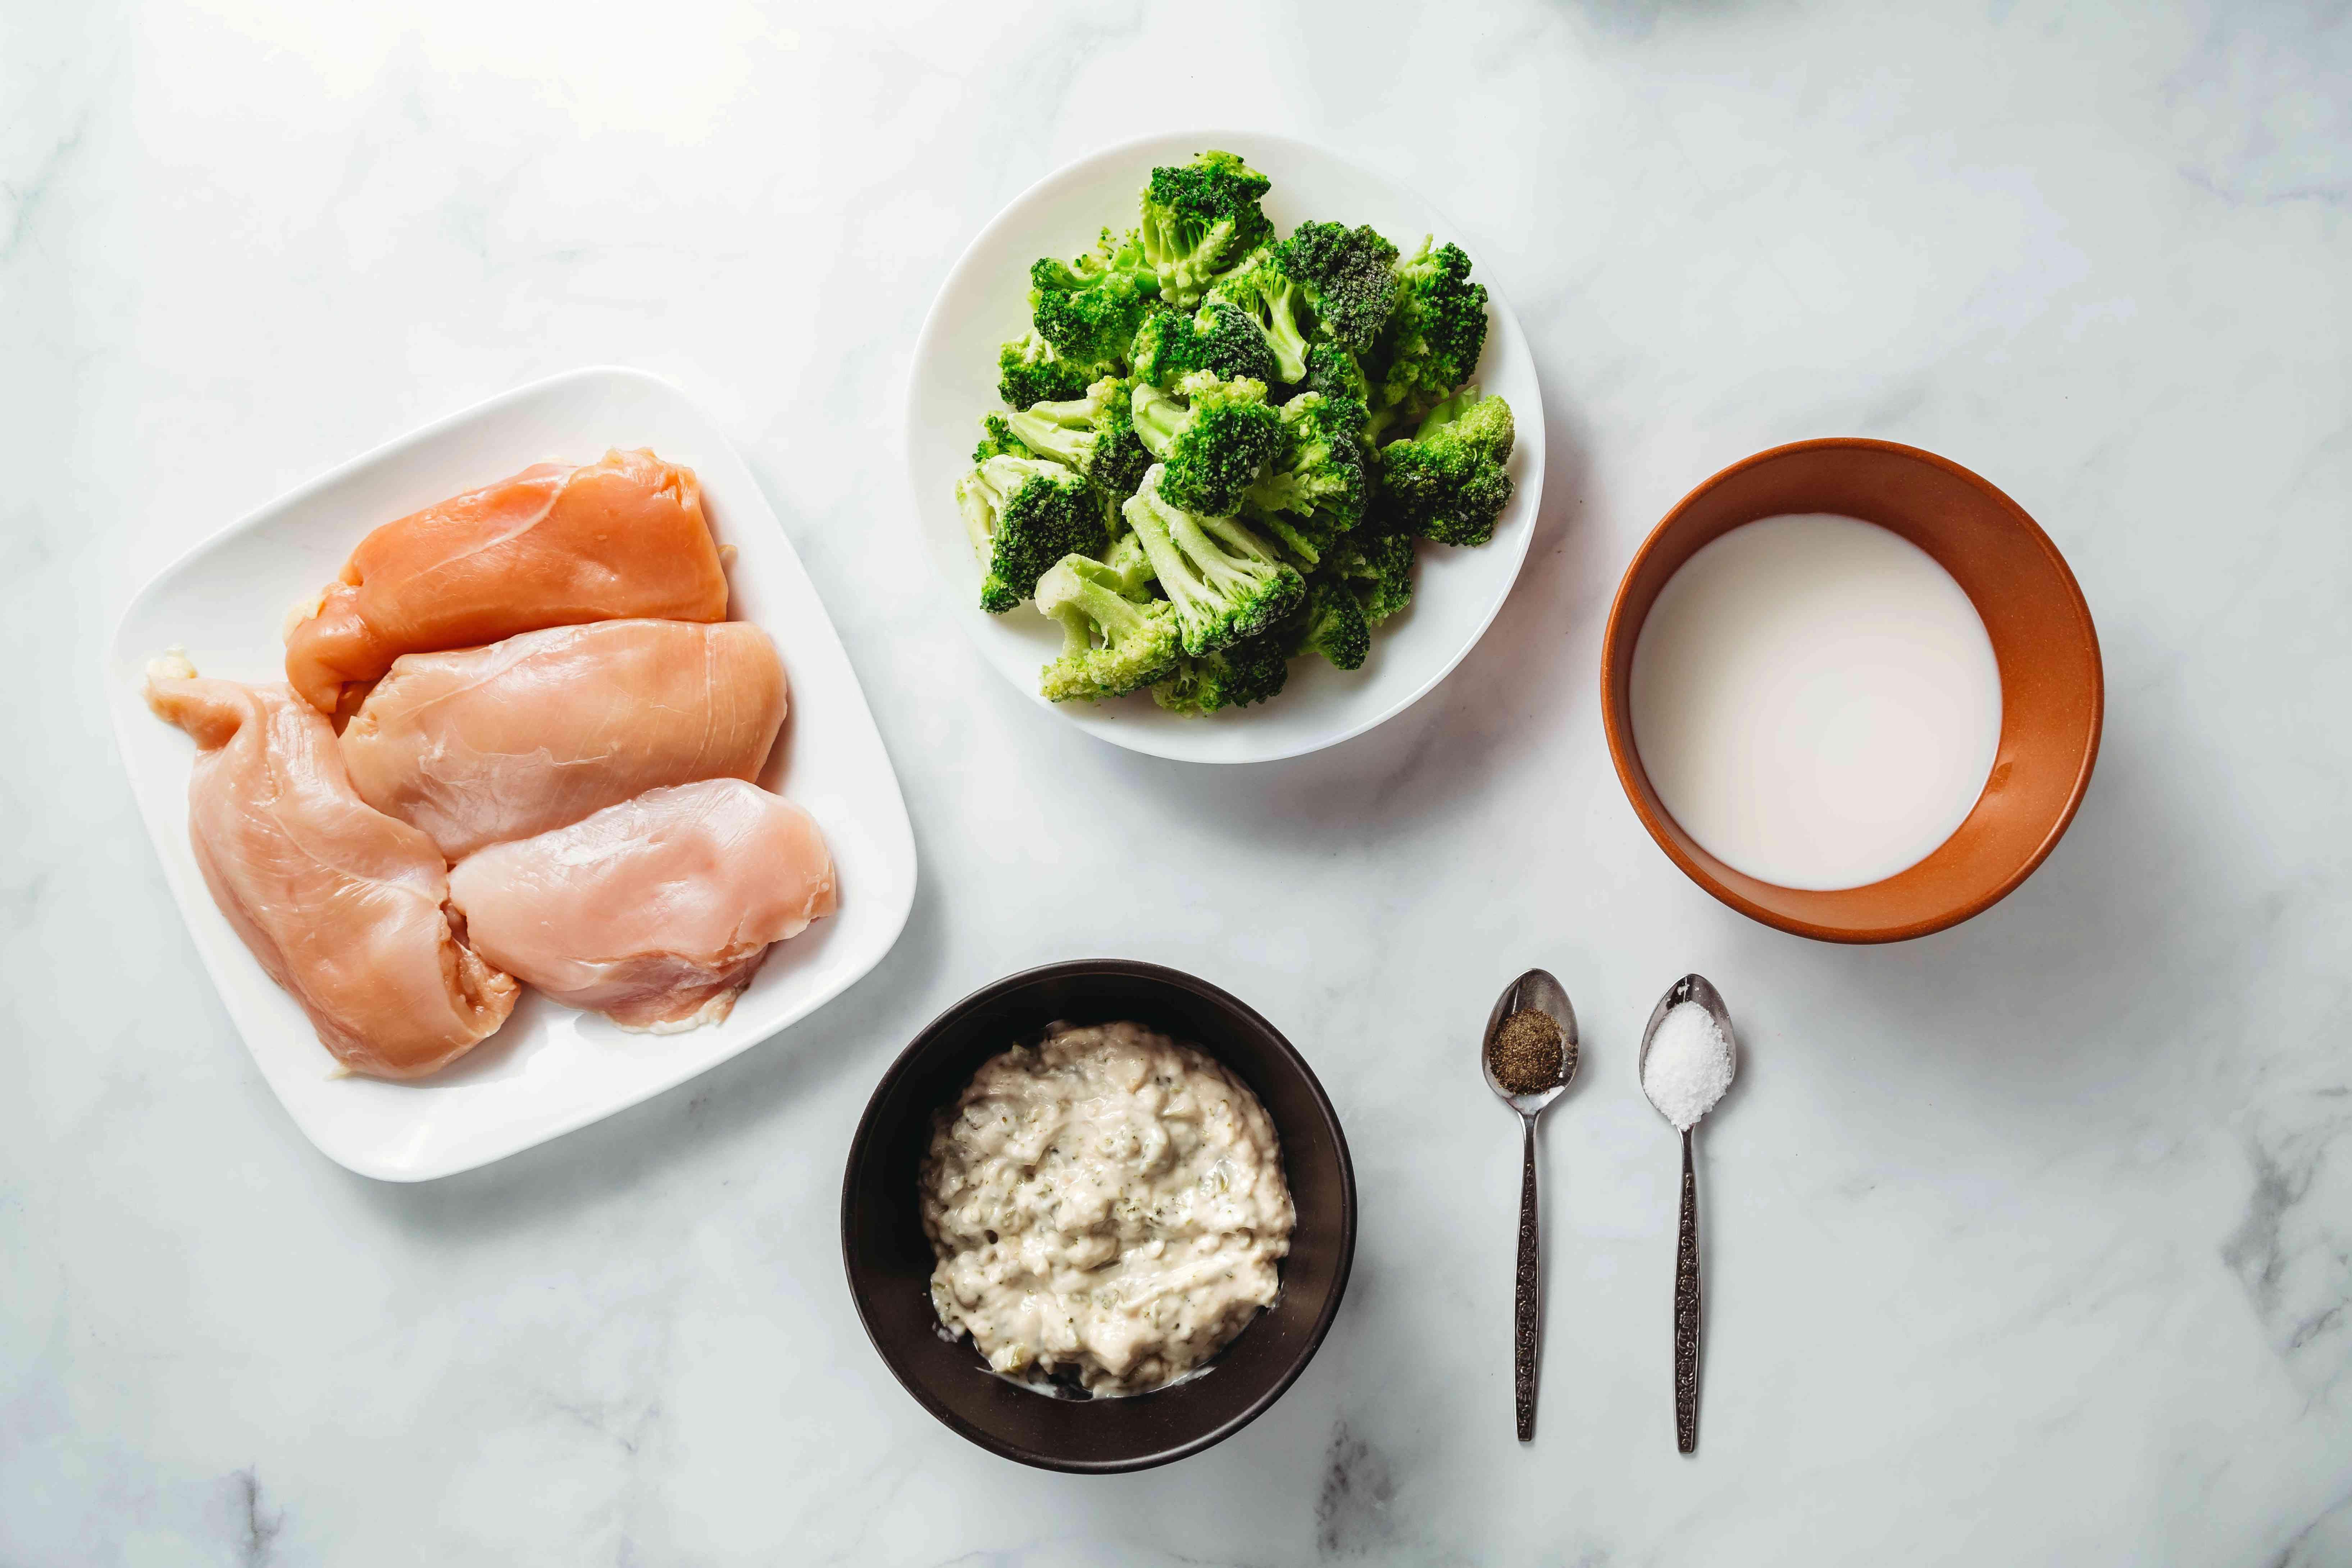 Creamy Broccoli Chicken ingredients